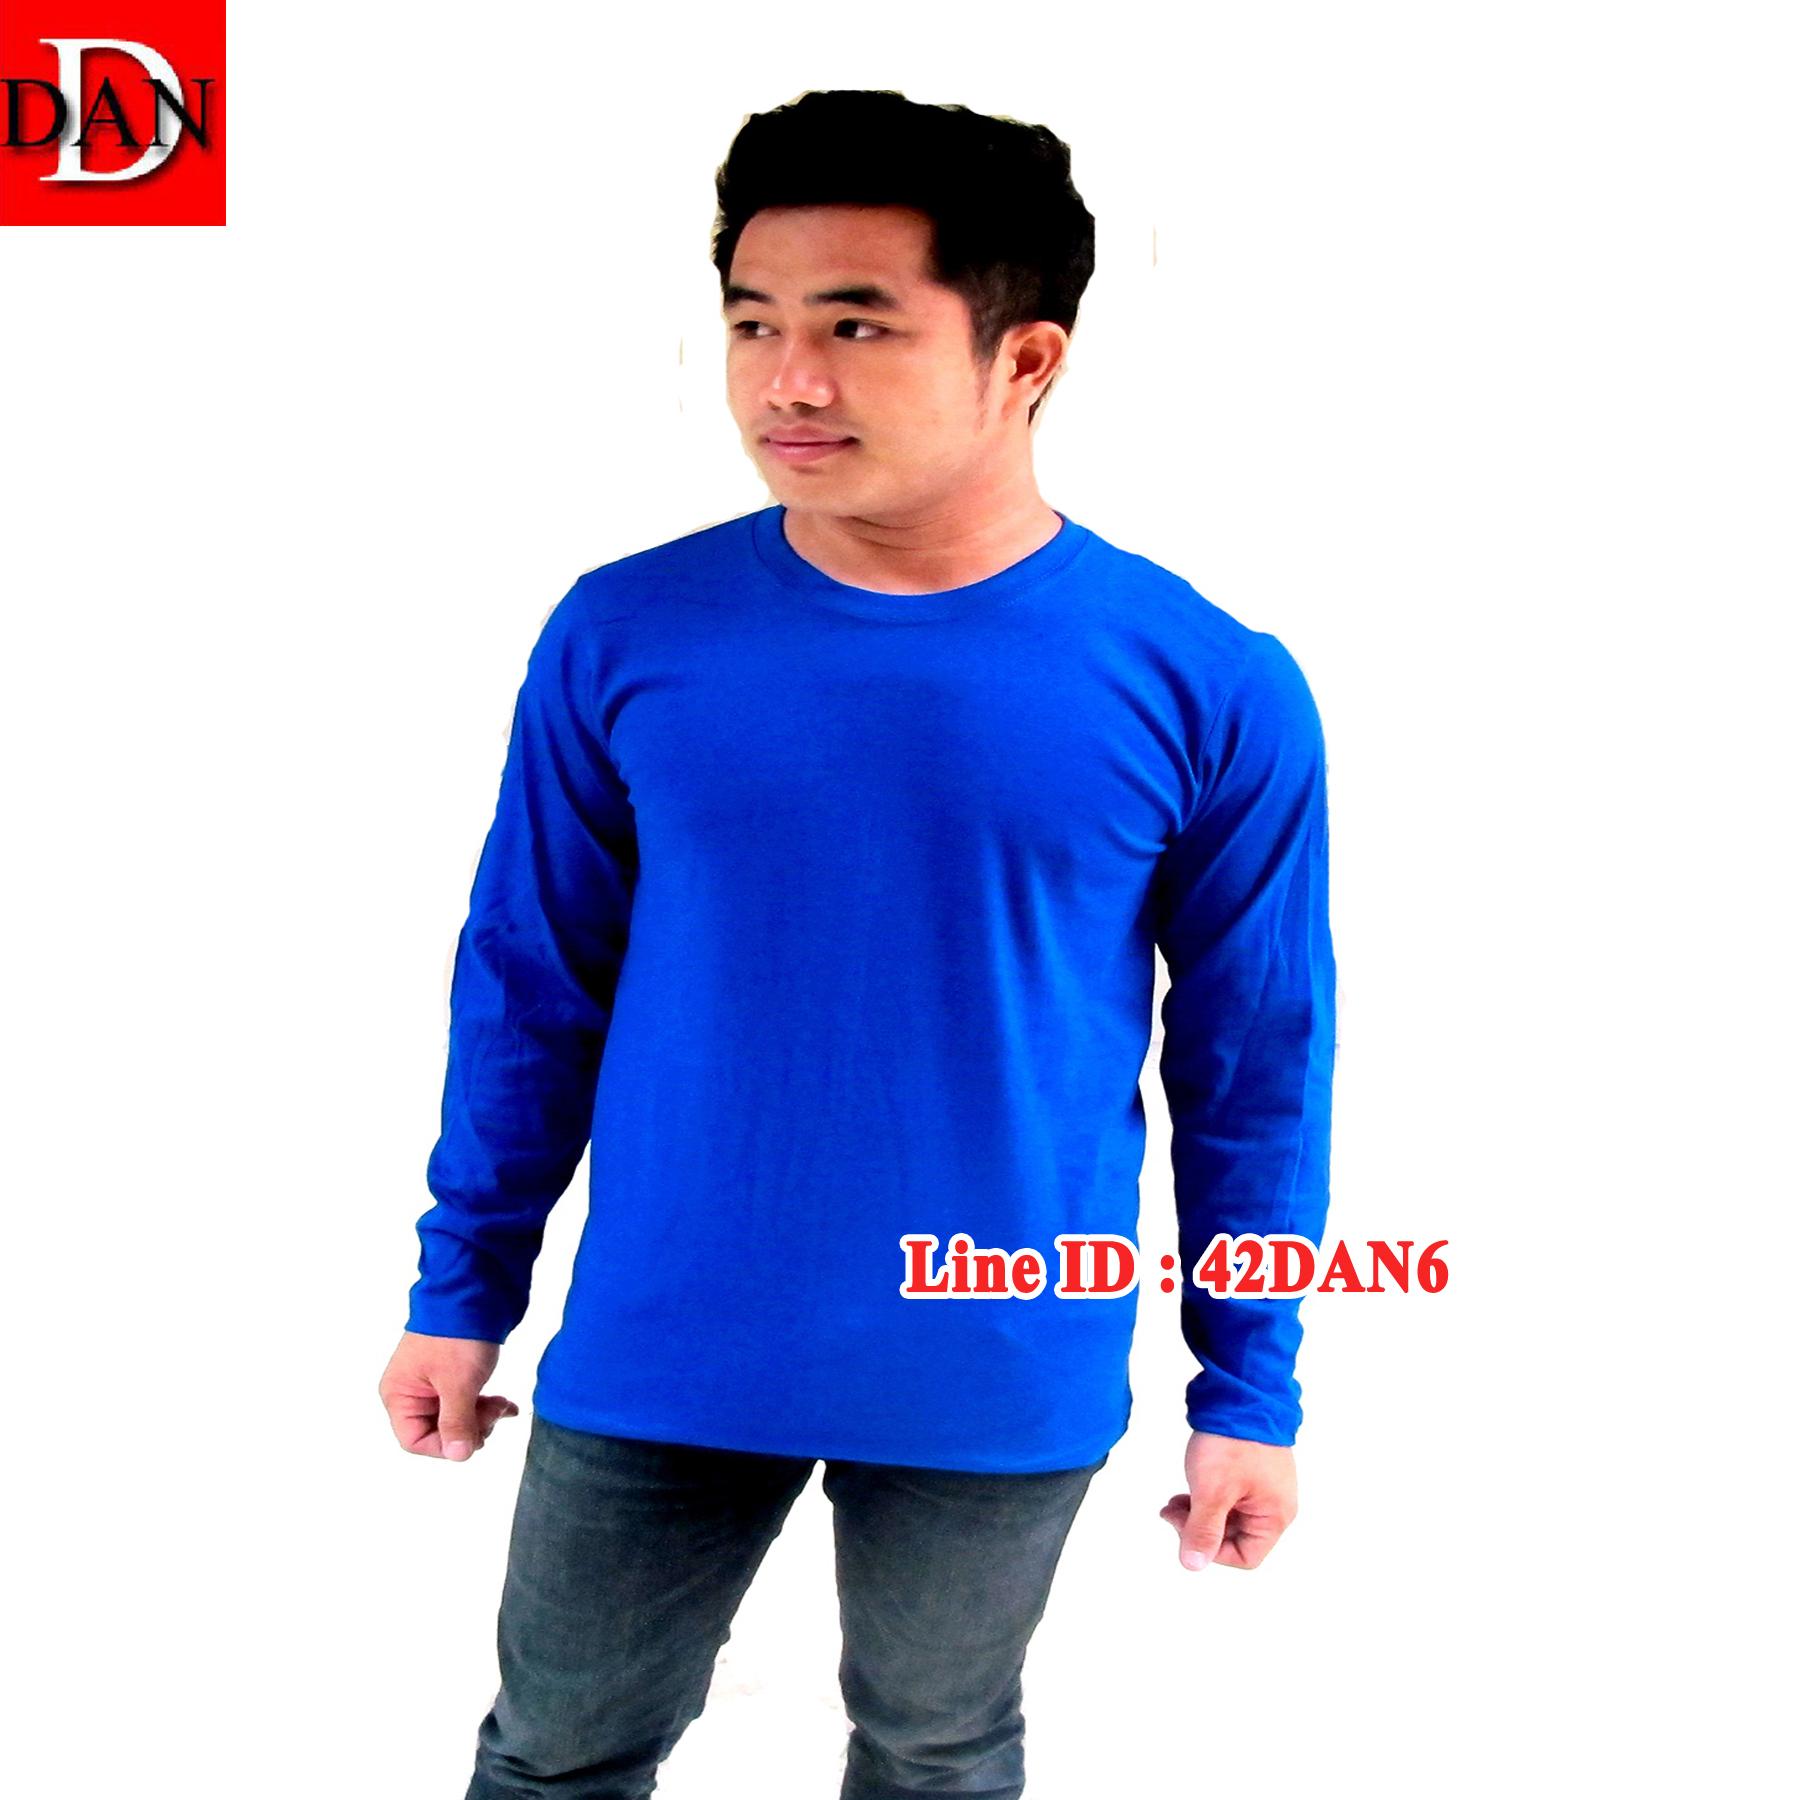 เสื้อแขนยาว คอลกม สีน้ำเงิน